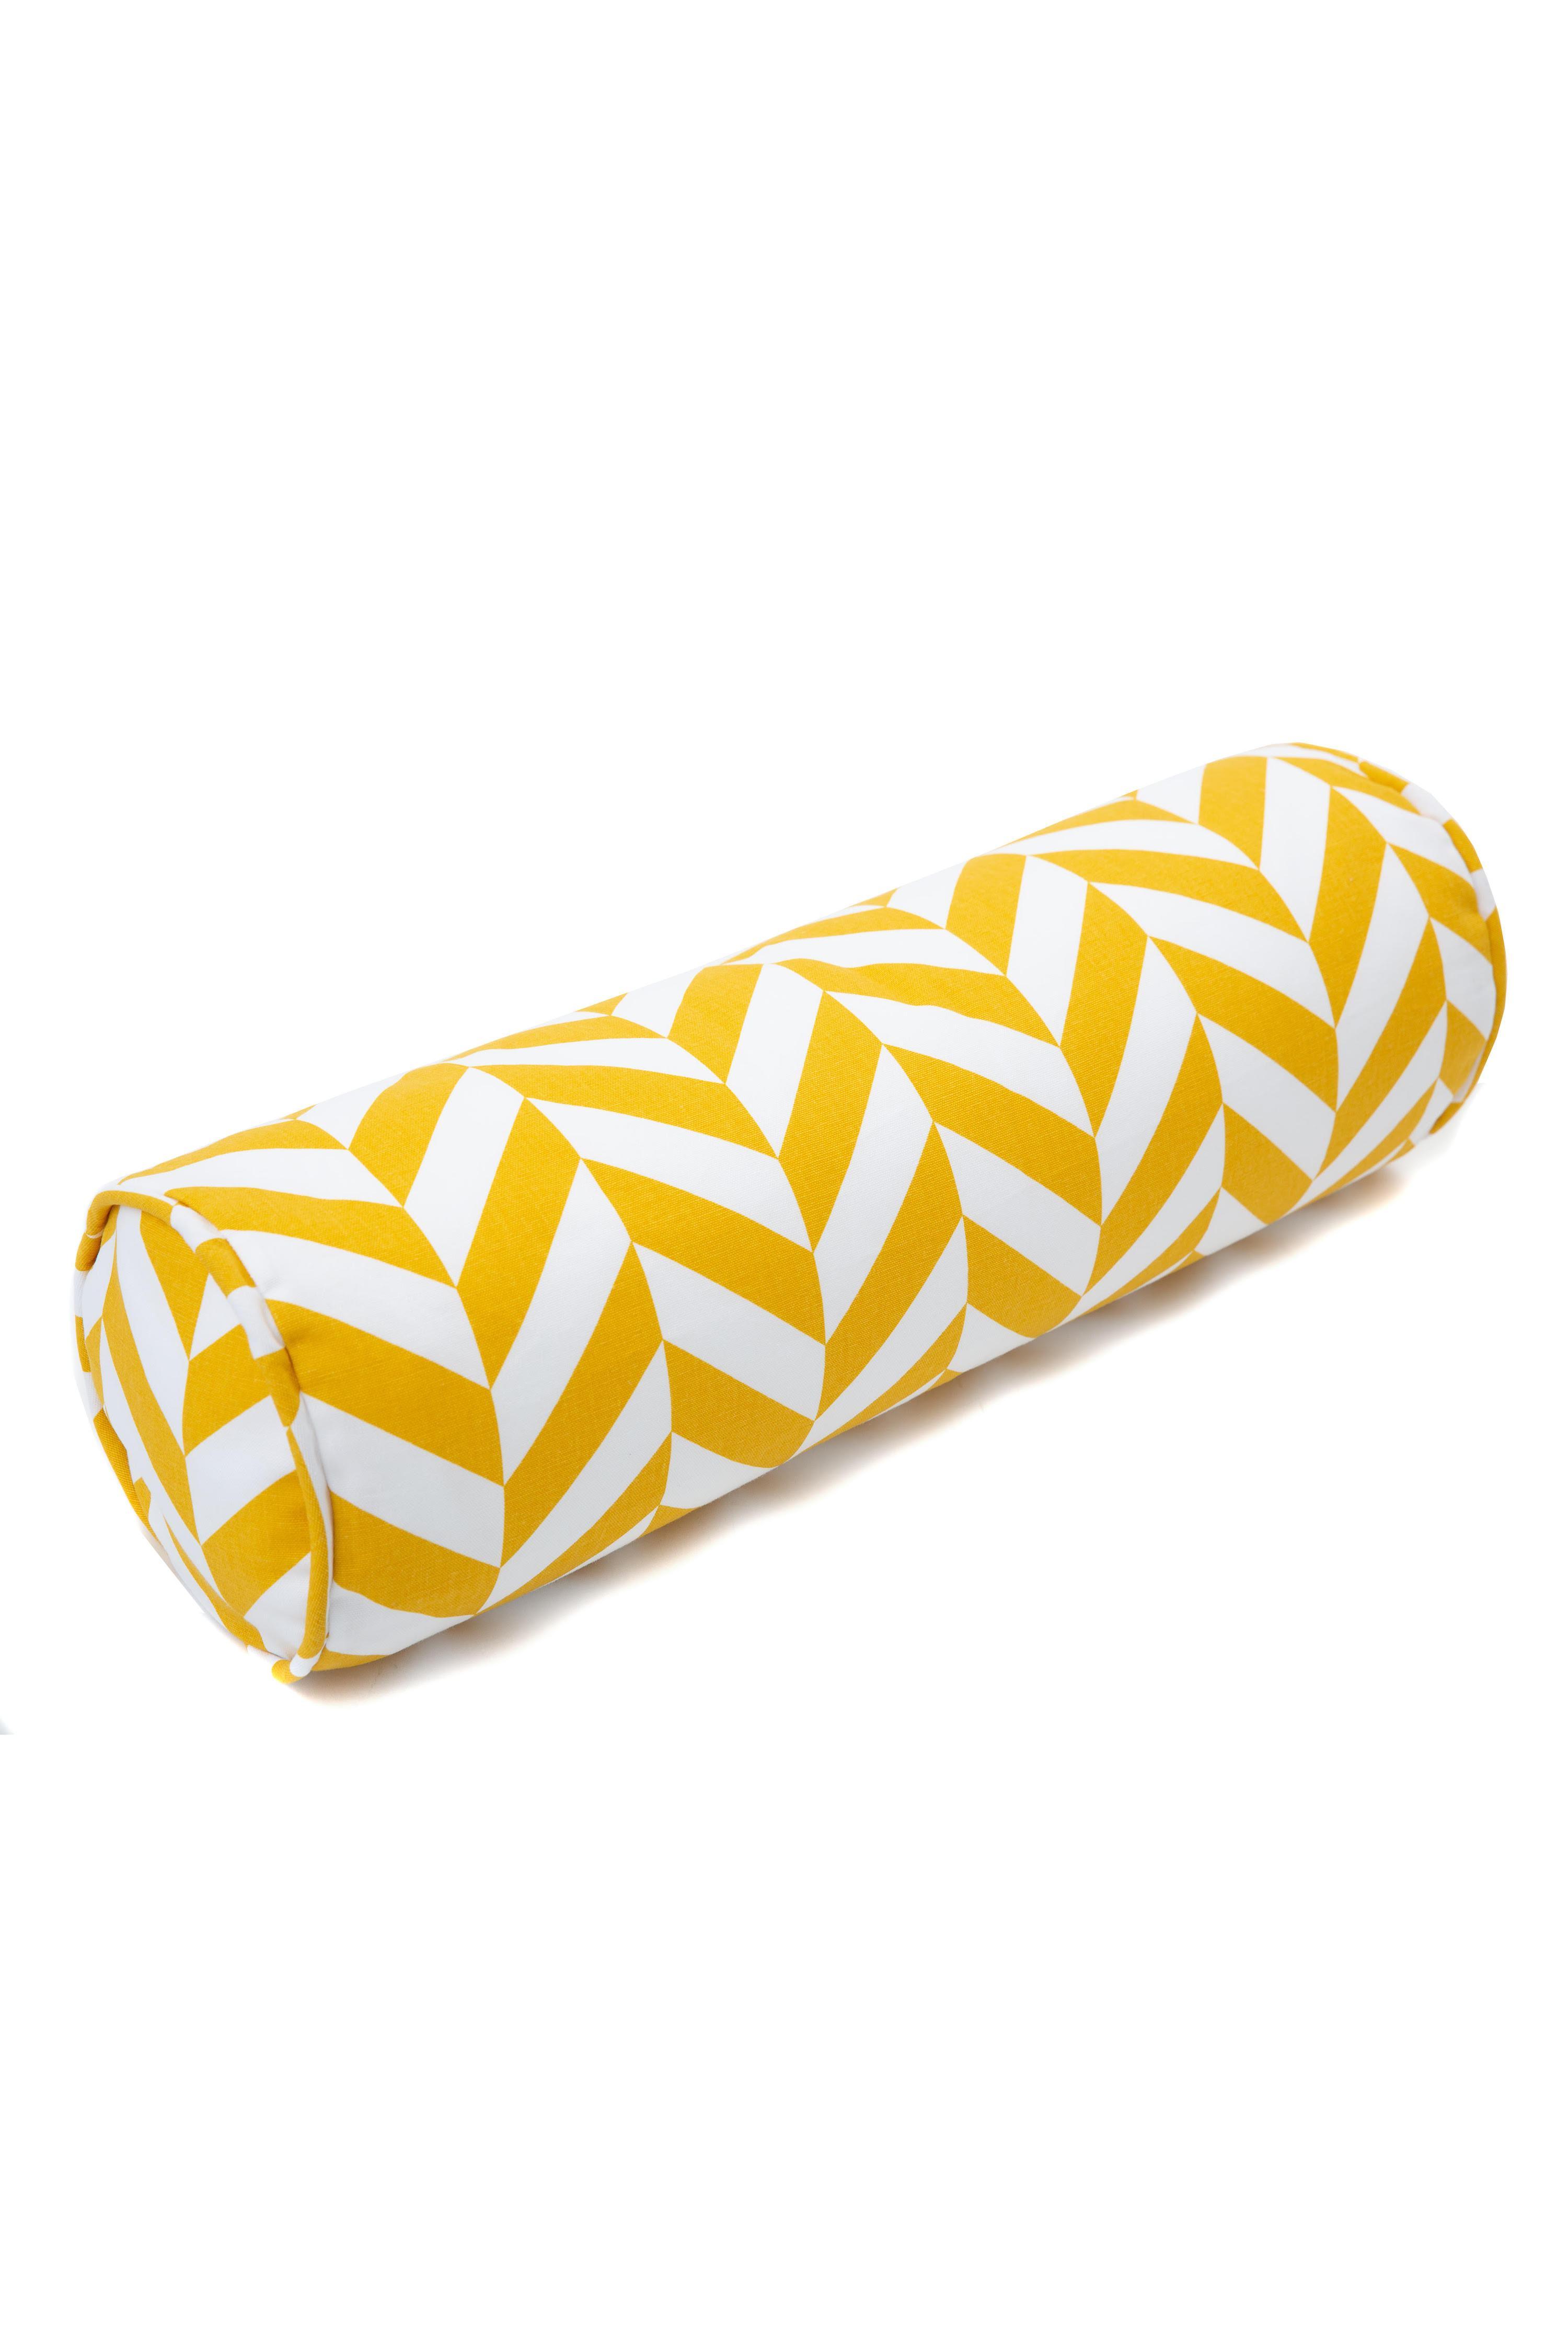 Kissenrolle Zickzack gelb weiß 60 cm ø20 cm